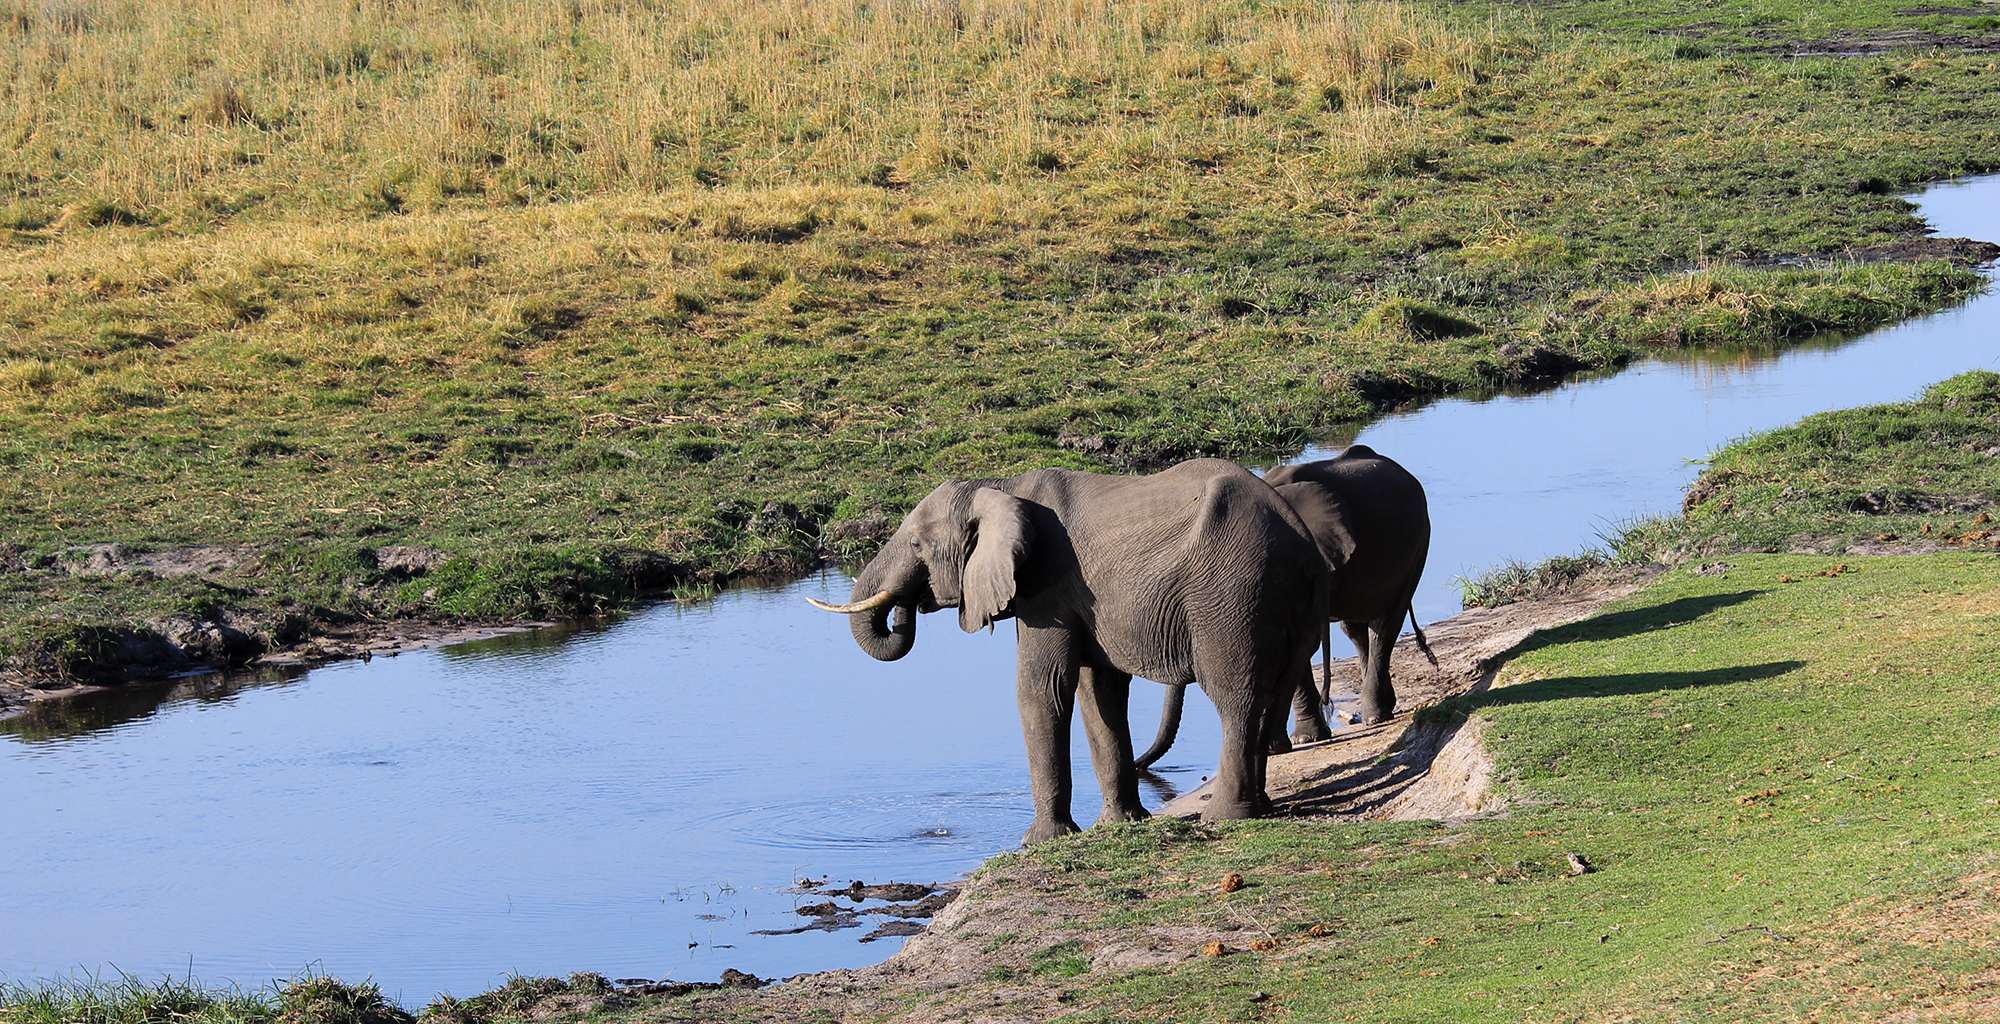 Botswana-Chobe-Enclave-Wildlife-Elephant